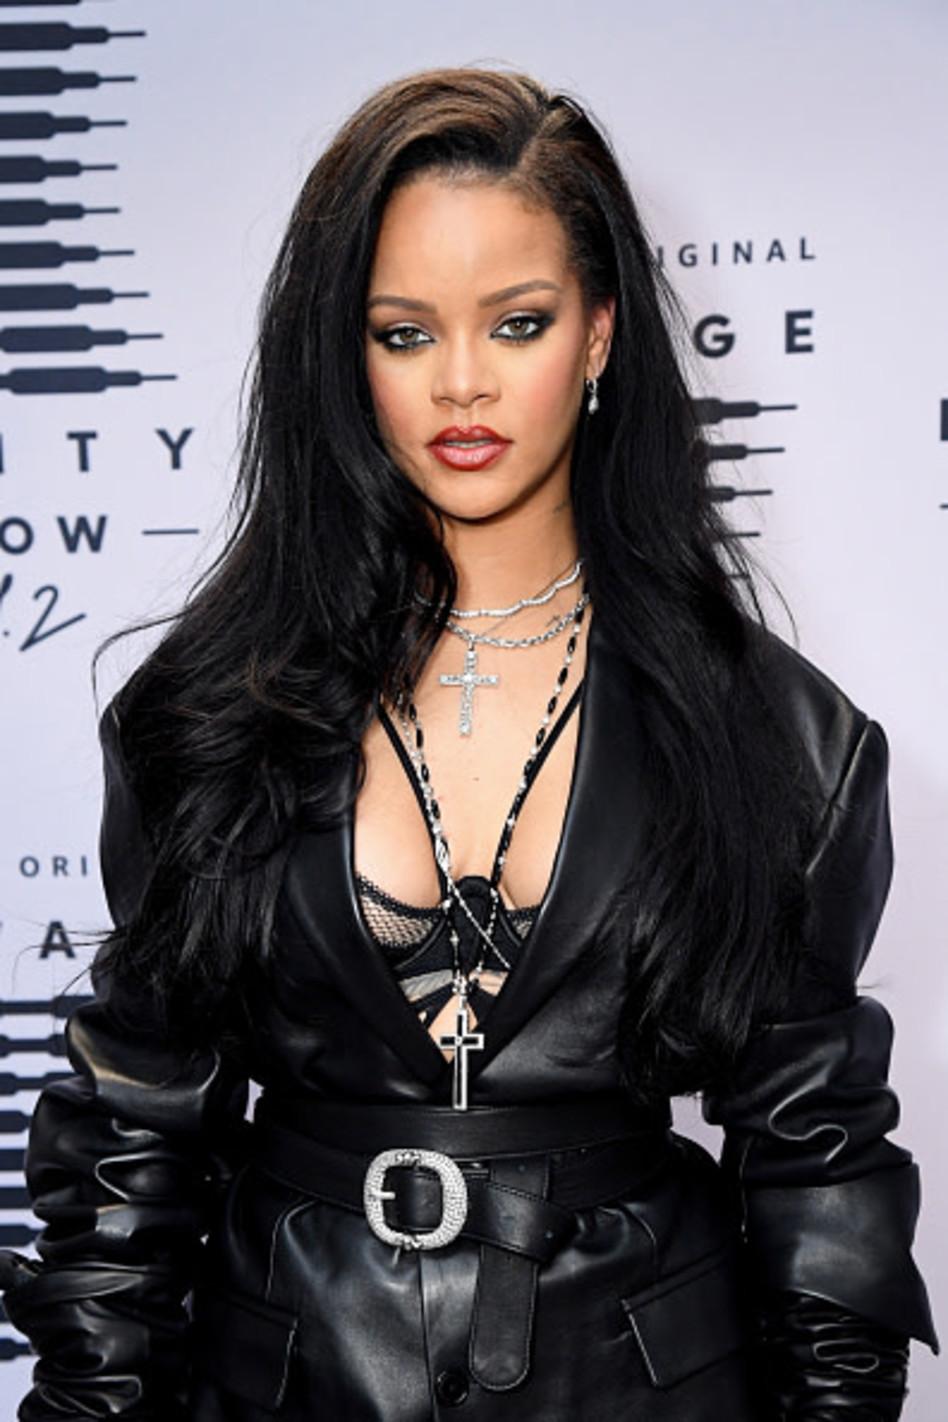 הריעו למלכה. ריהאנה (צילום: kevin mazur gettyimages)